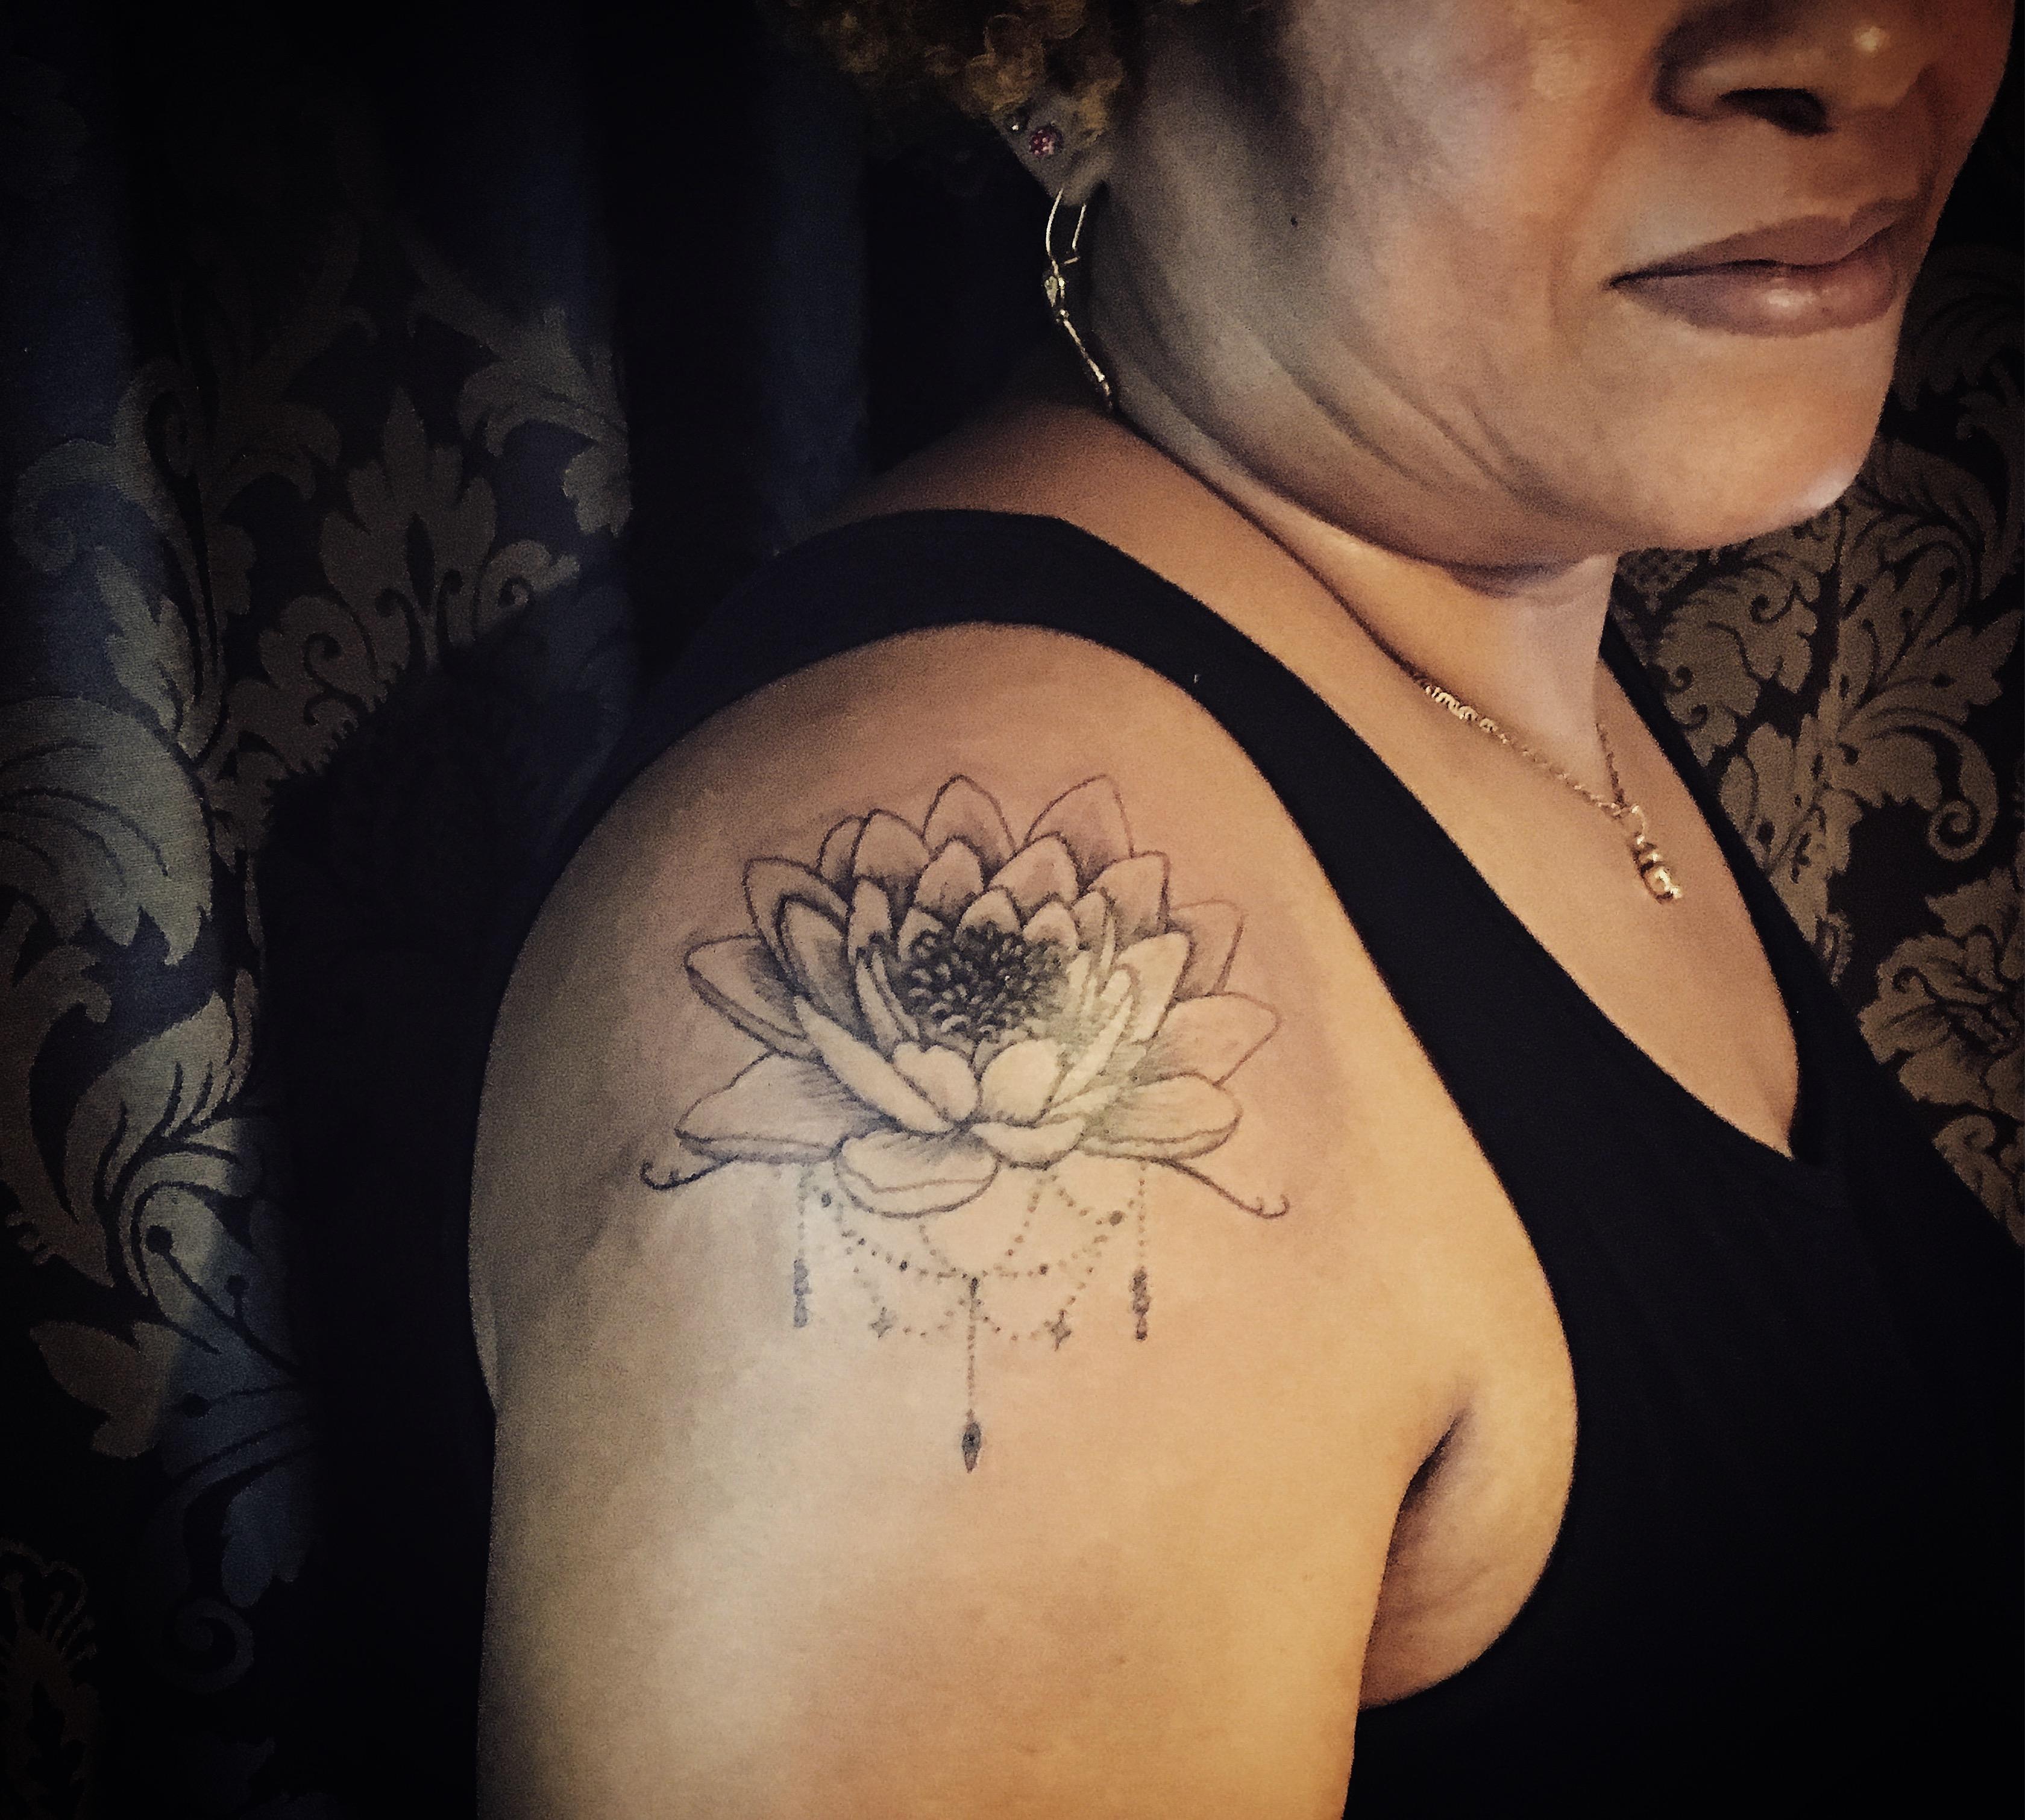 geometria, tatuajegeometrico, madridtattoo, tattooshopmadrid, geometrictattoo, lineamuyfina, tatuajelineafina, finelinetattoo, fineline, hiperfineline, mejorestatuajesmadrid, lineafinamadrid, puntillismomadrid, flordeloto